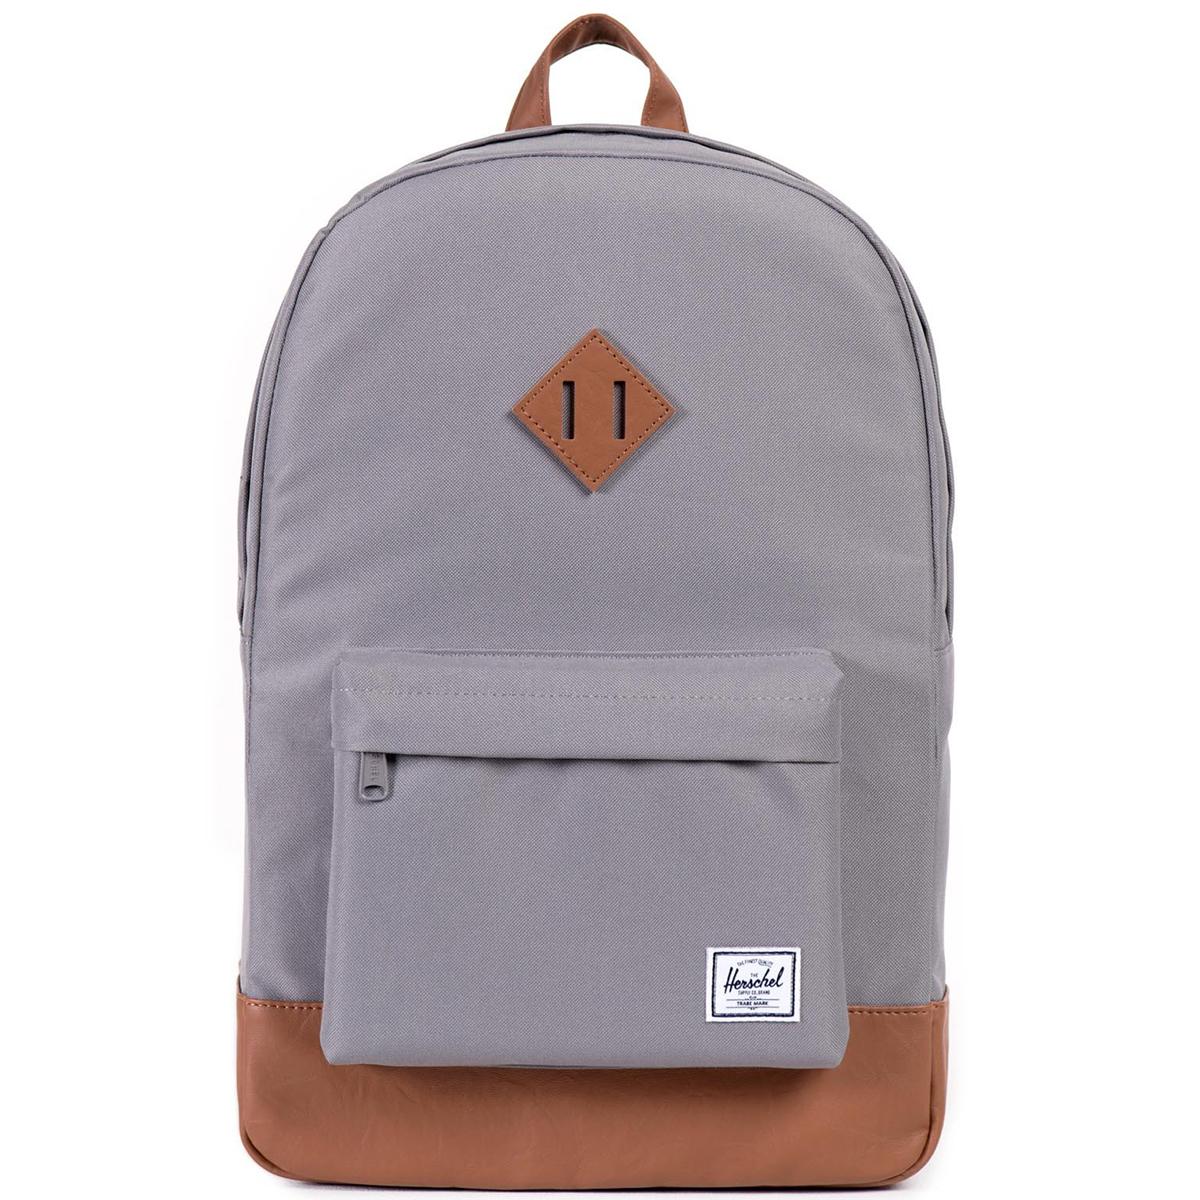 Рюкзак городской Herschel Heritage (A/S), цвет: серый, светло-коричневый. 828432010356828432010356Рюкзак Herschel Heritage ™ это функциональный классический дизайн с особым внимание к деталям.